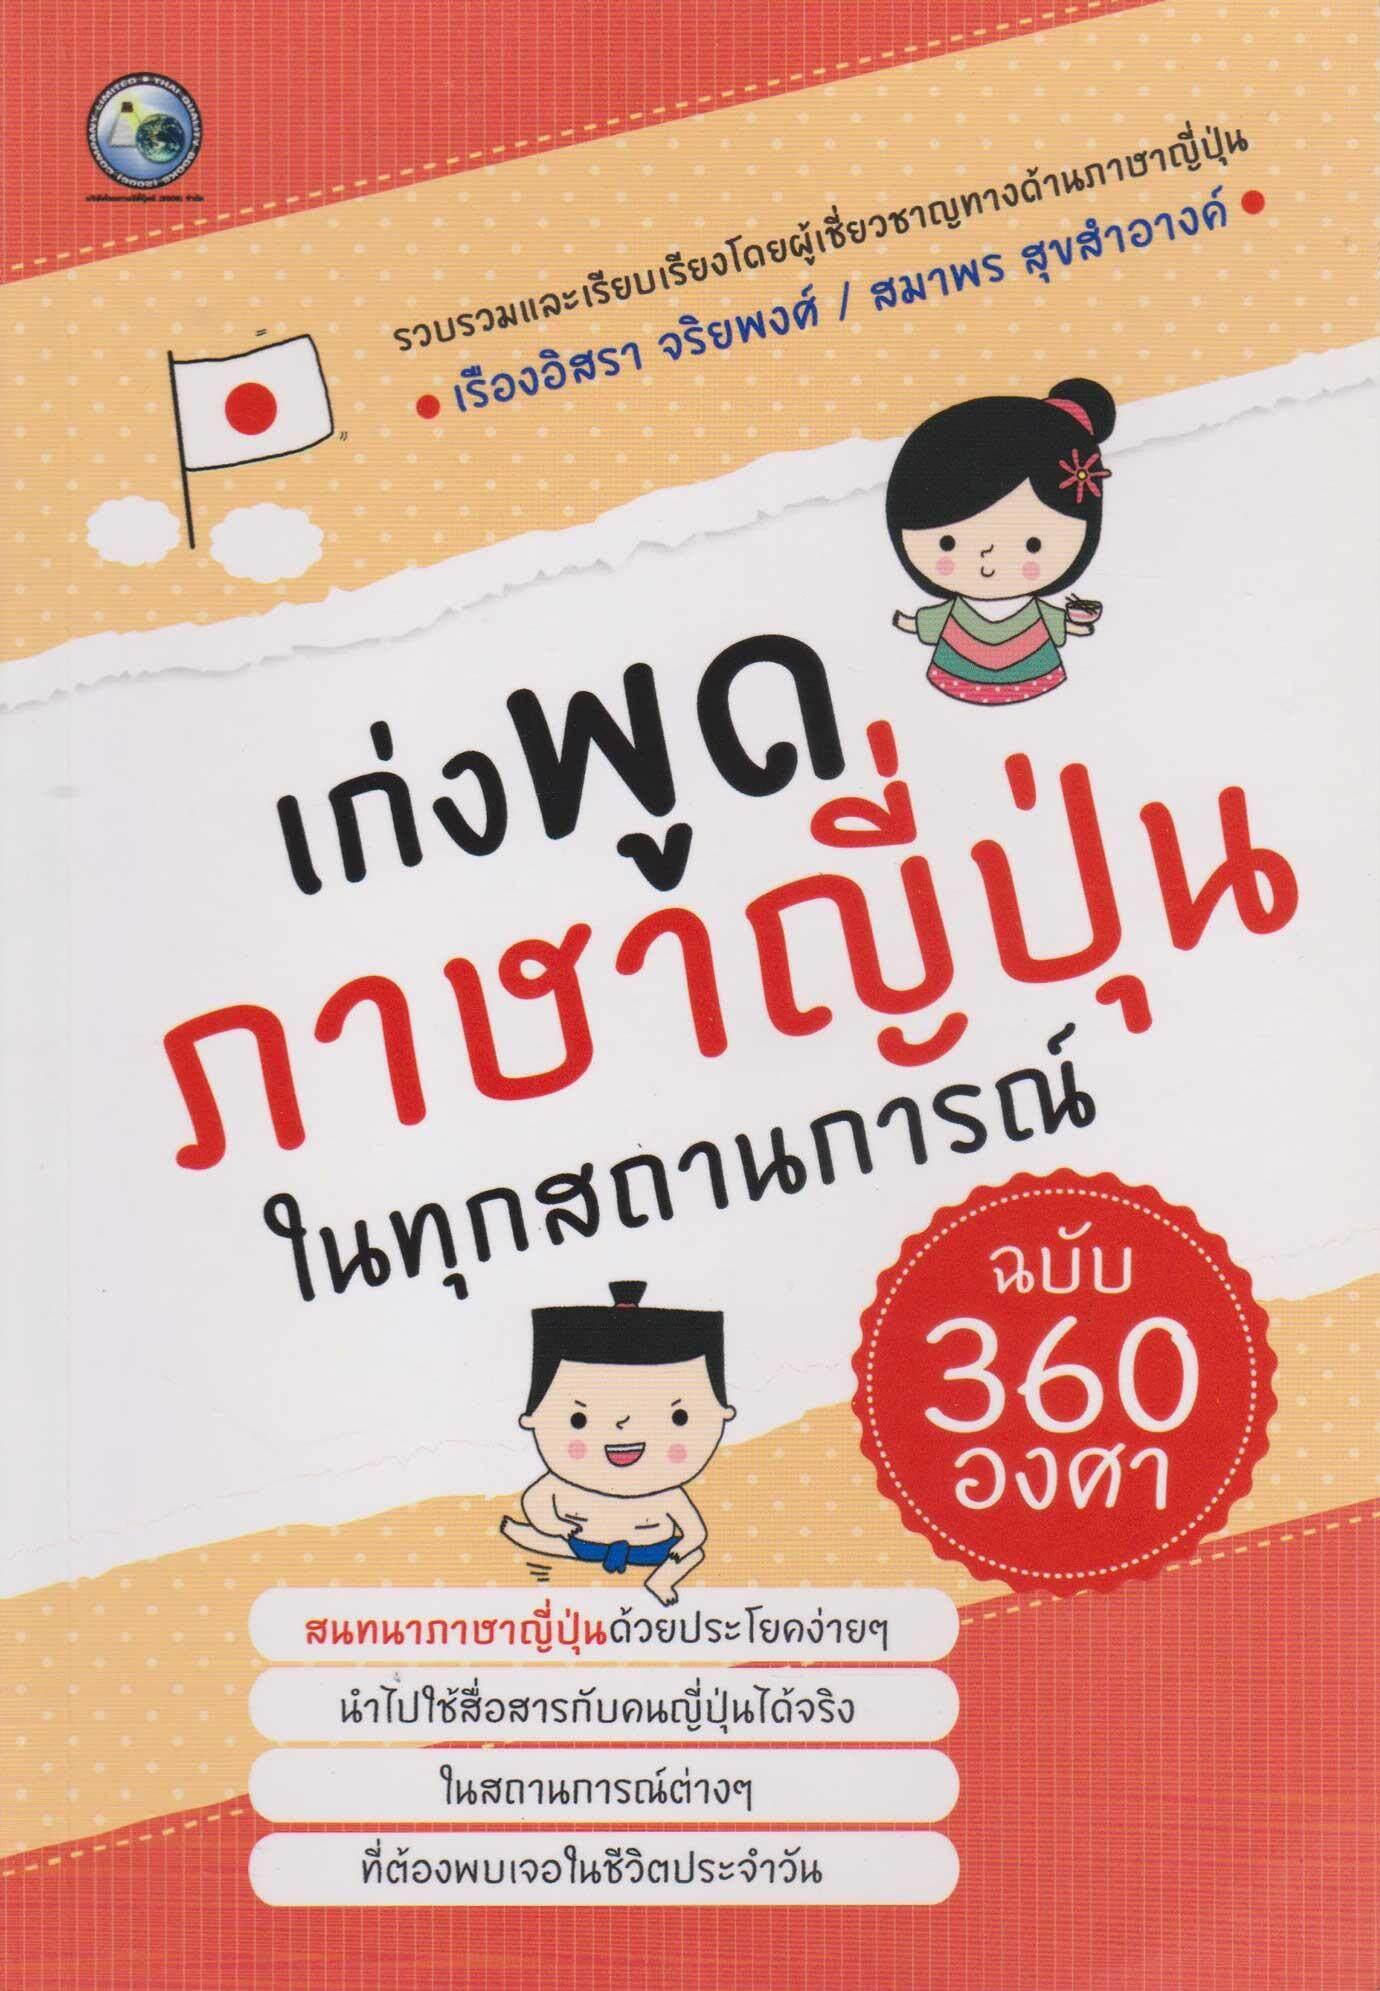 เก่งพูดภาษาญี่ปุ่นในทุกสถานการณ์ฉบับ 360 องศา By Thaiqualitybooks.